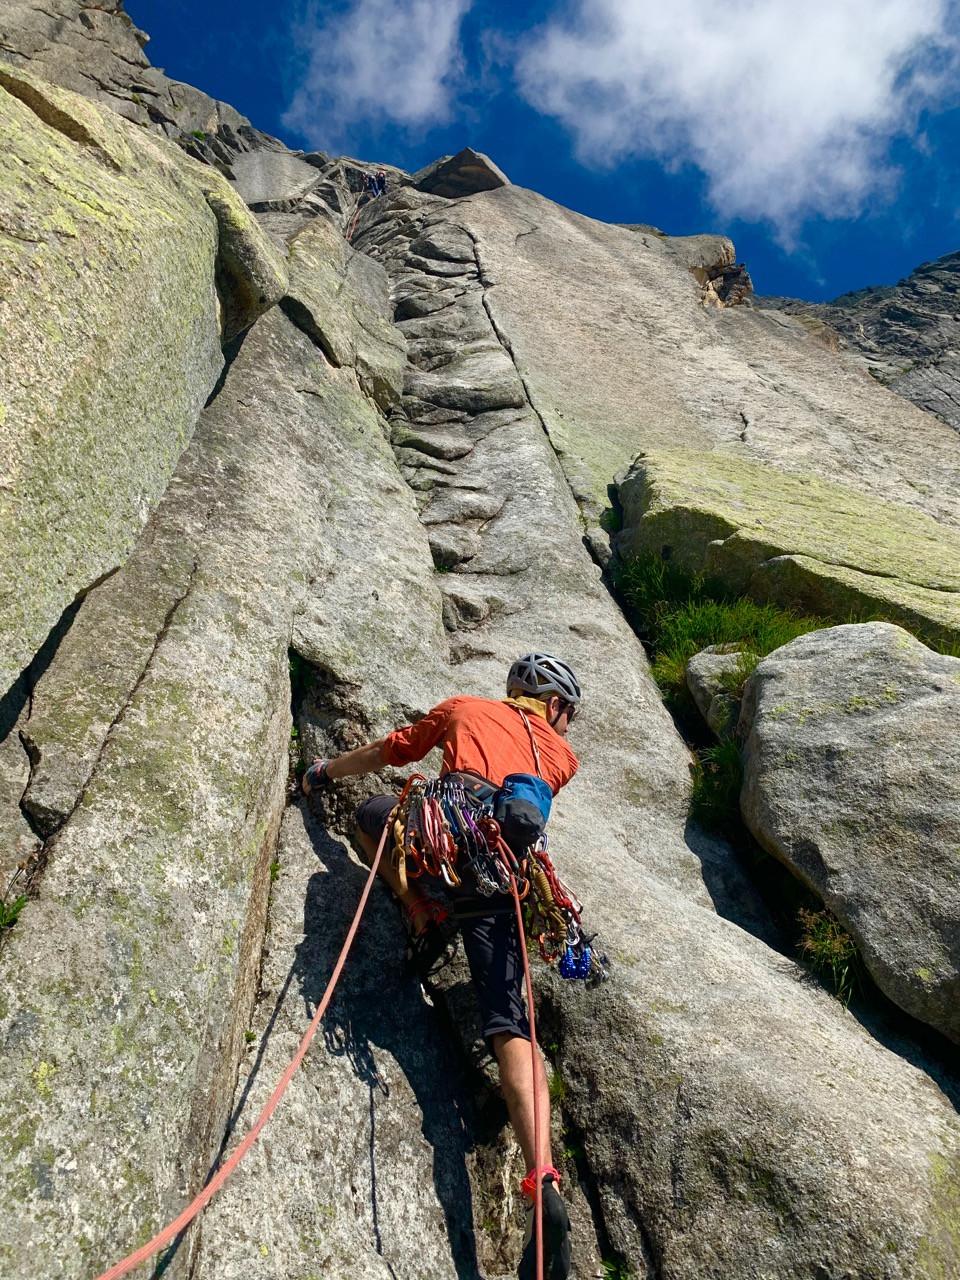 Kletterer in der ersten Sillänge der Route Jimmy am Salbit